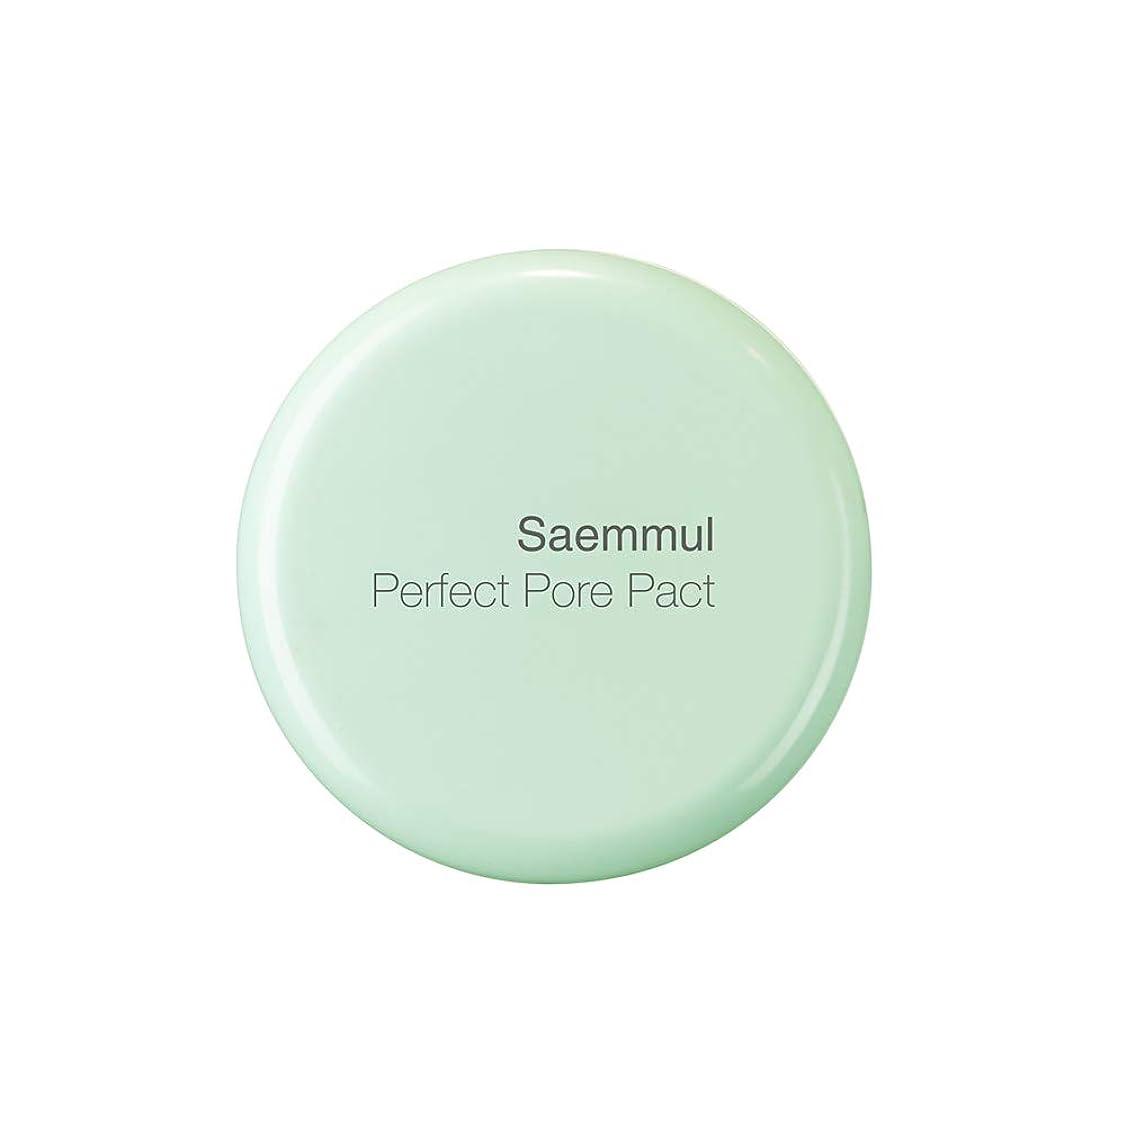 ミルクラック型ザ セム センムル パーフェクトポア パクト 12g 0164